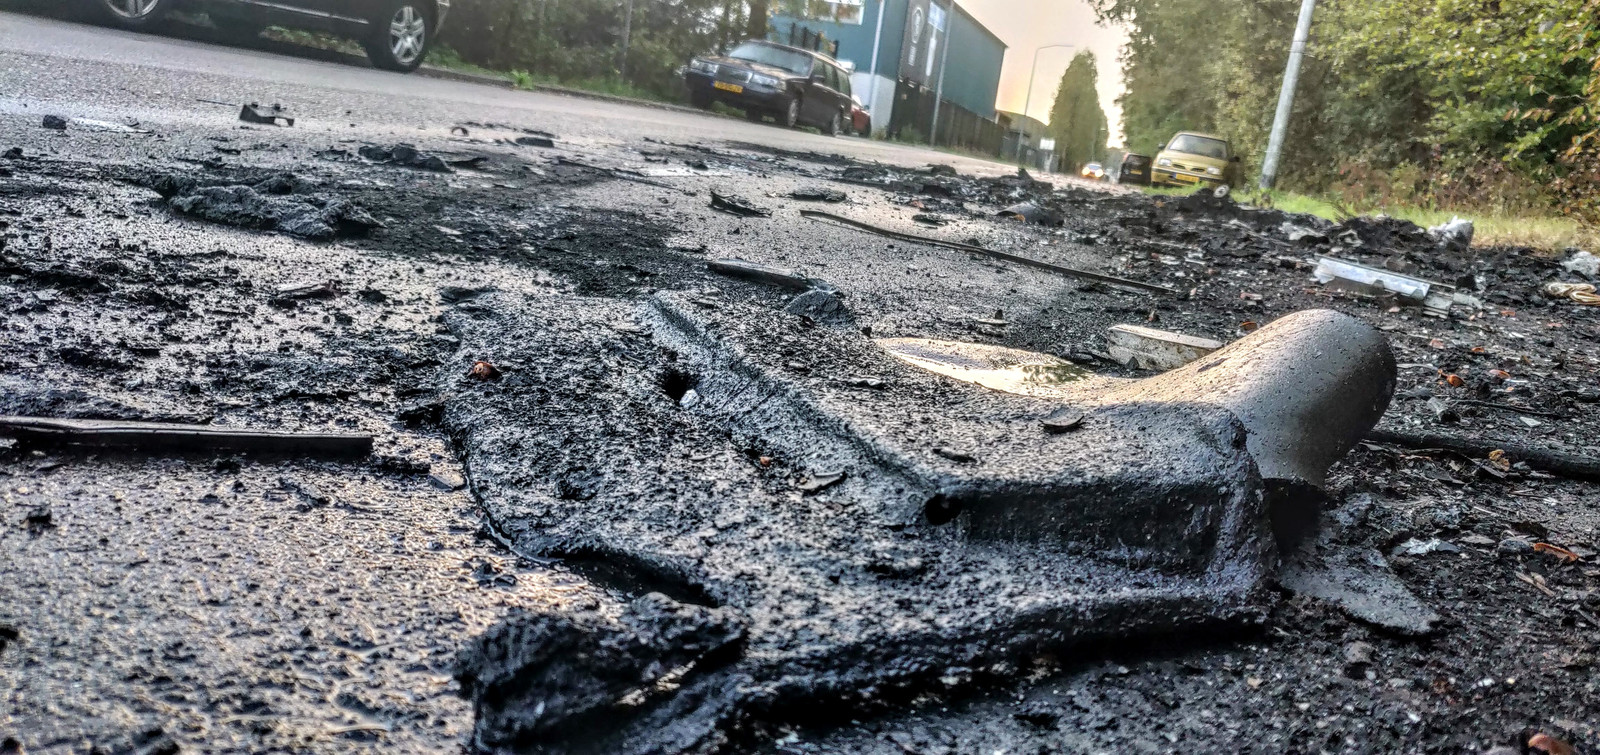 De resten na een voertuigbrand in oktober in de Fornheselaan.